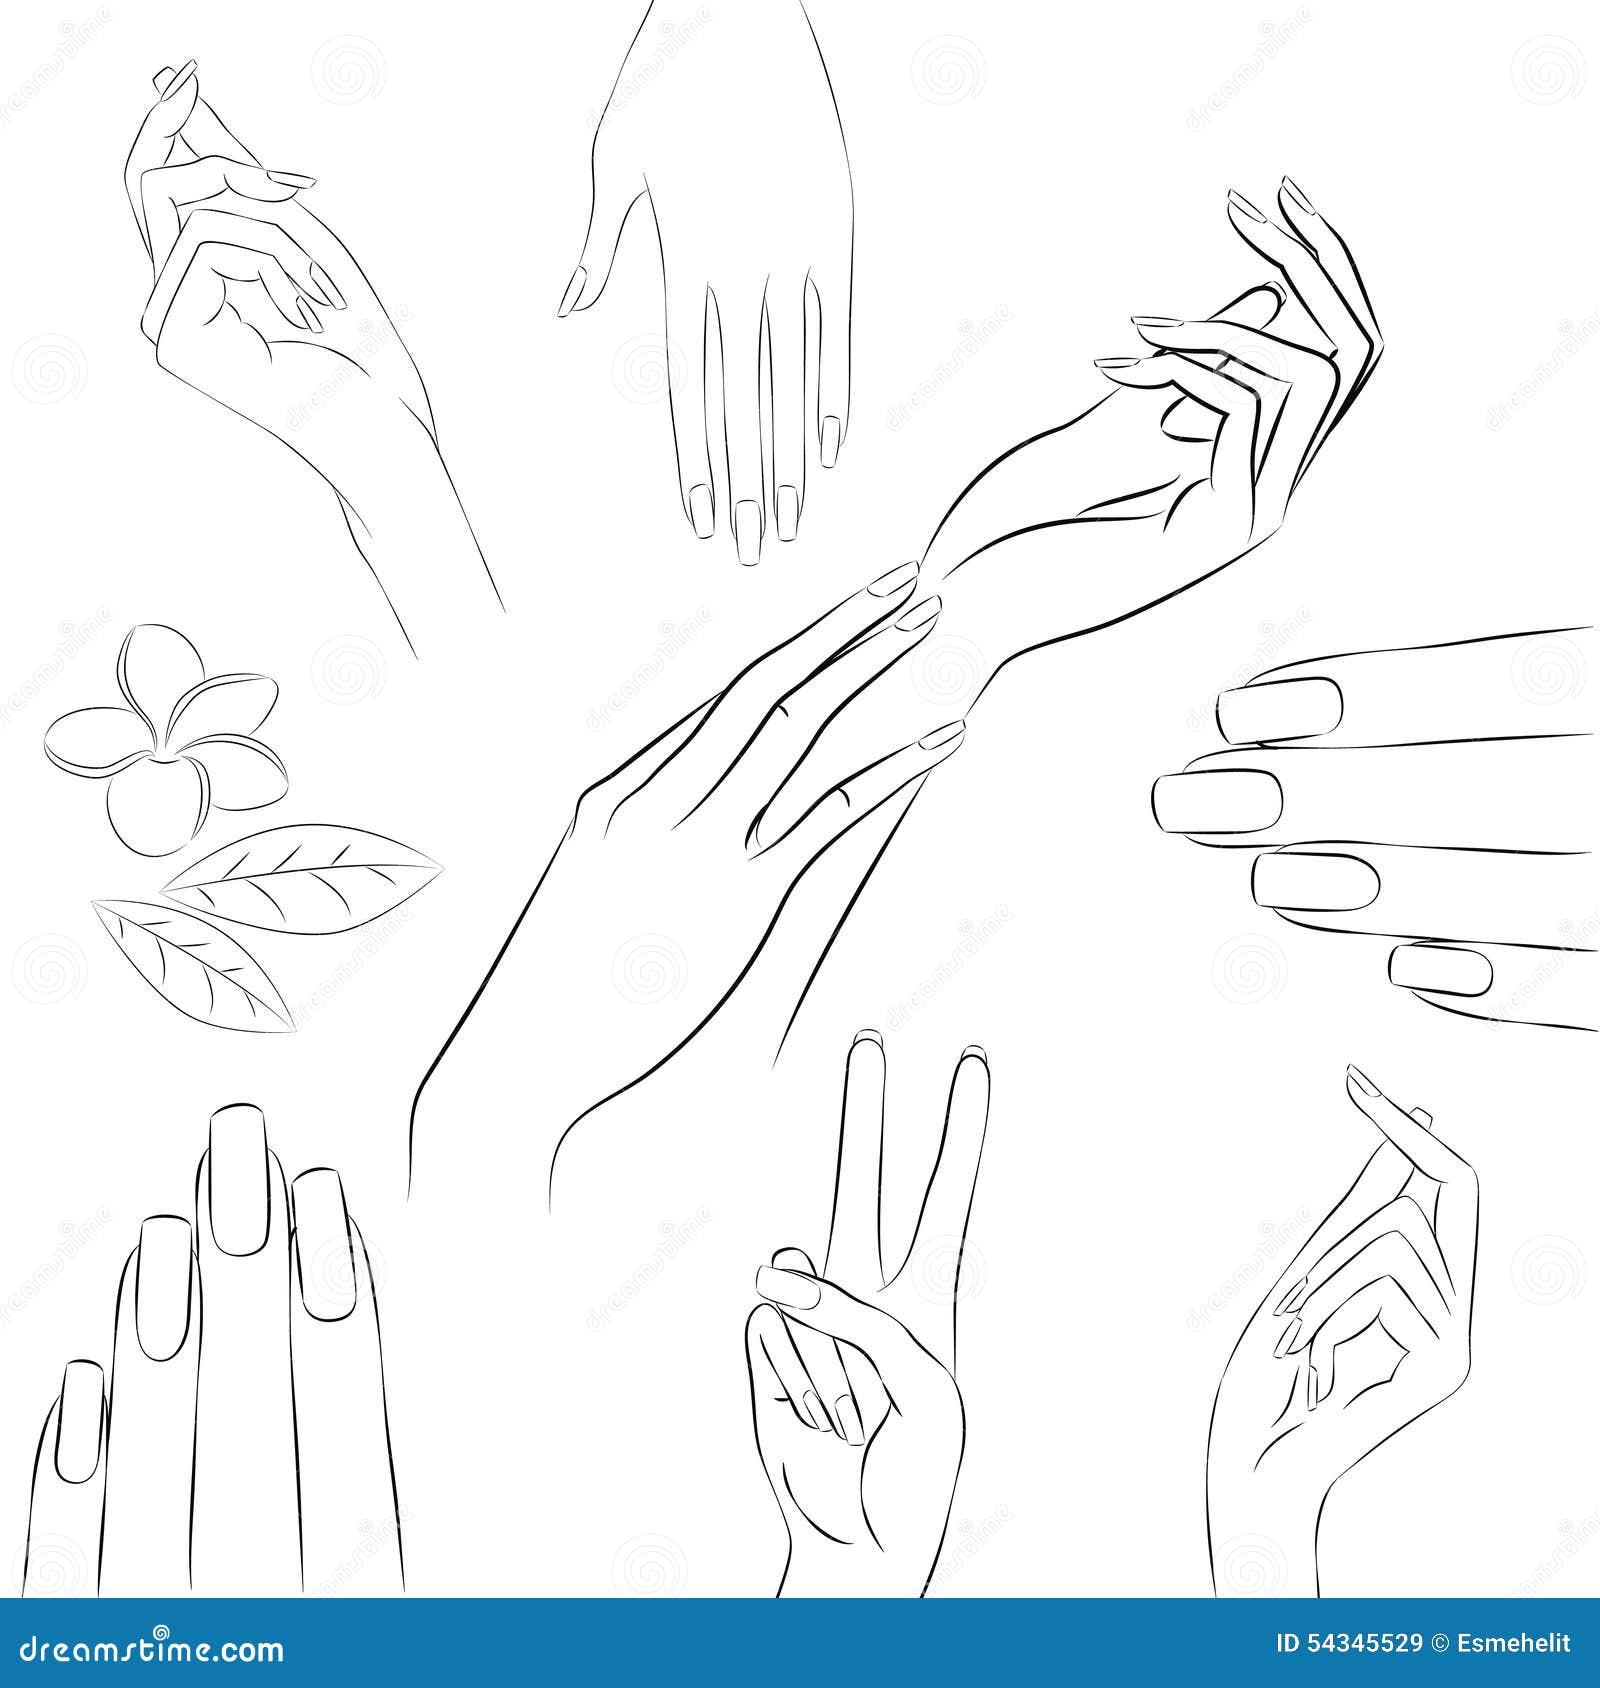 Raccolta delle mani in vari gesti, manicure